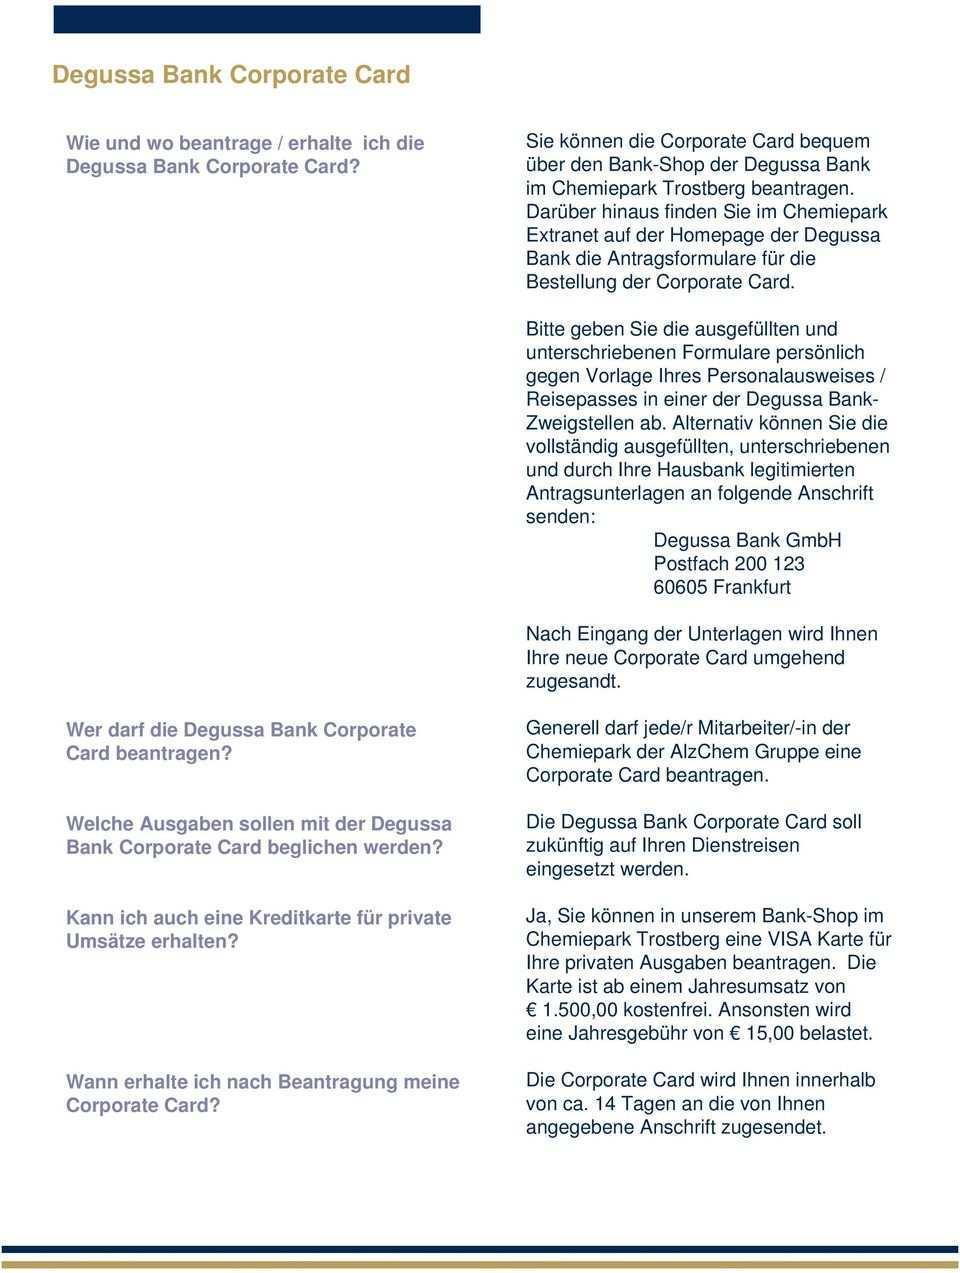 Degussa Bank Corporate Card Faq Liste Pdf Kostenfreier Download